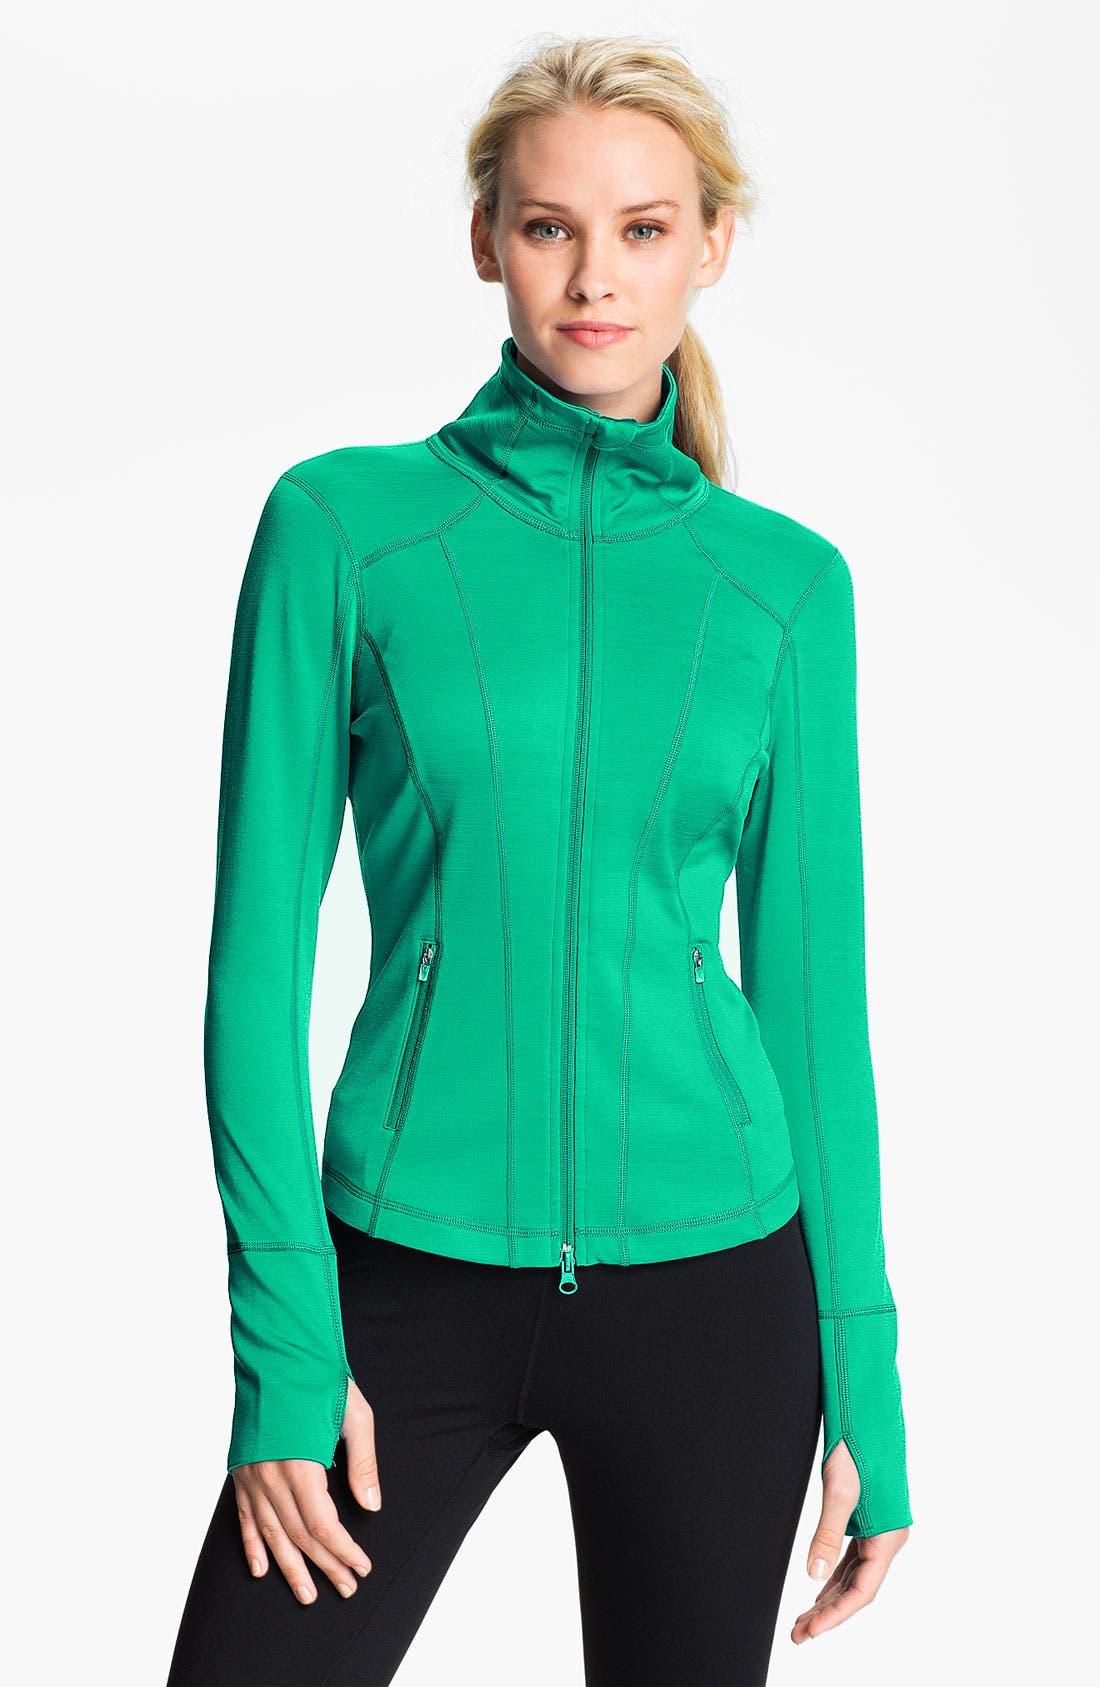 Main Image - Zella 'Sophia Sculpt' jacket